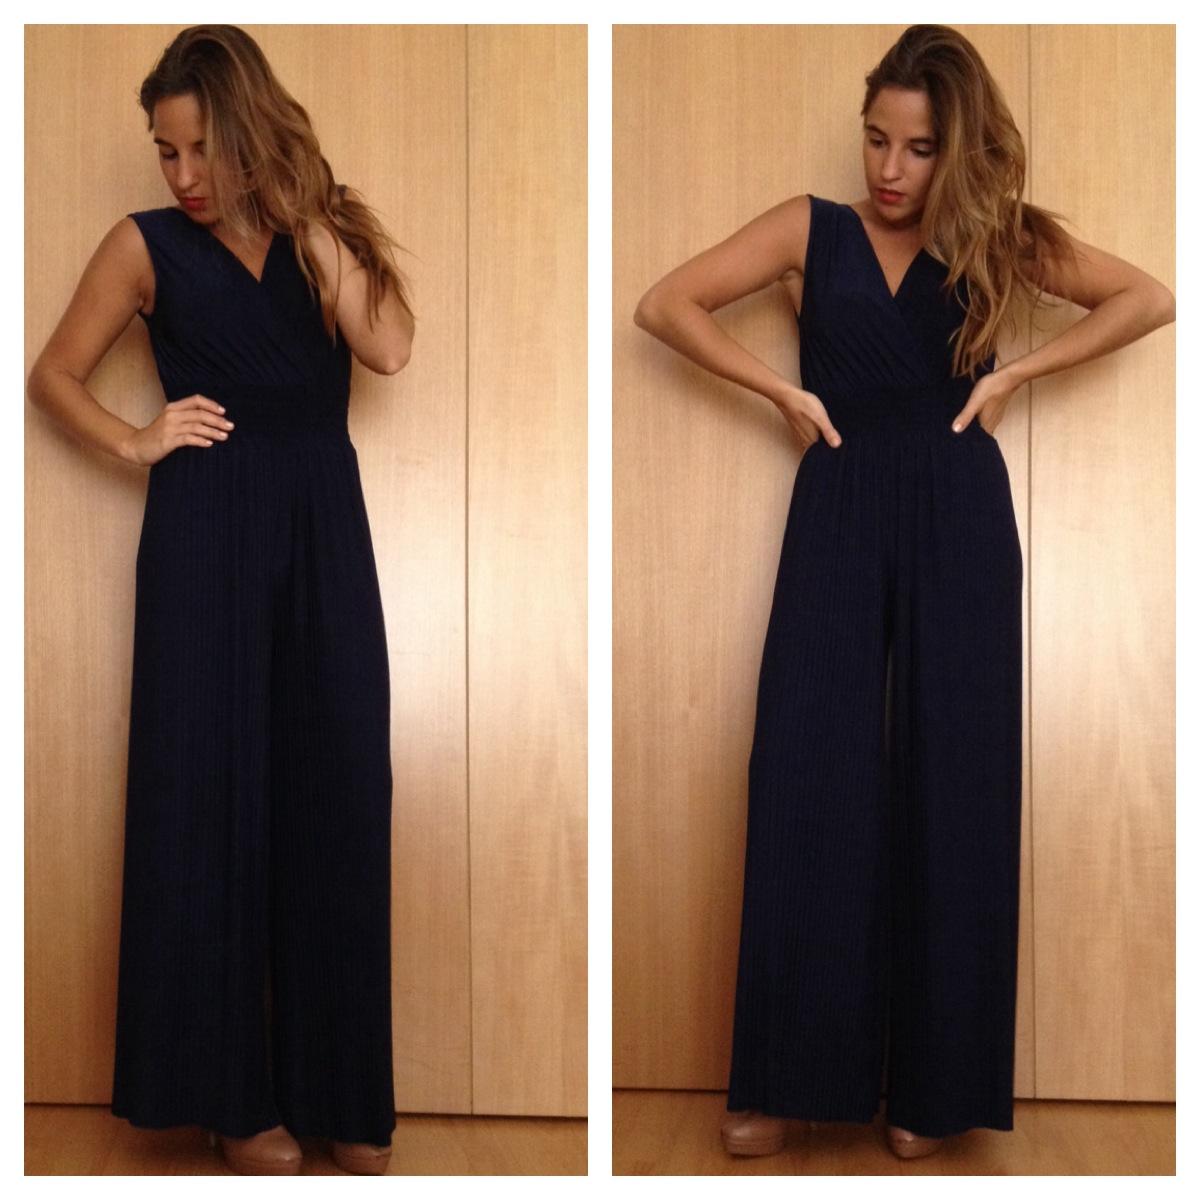 source la reina del low cost blog de moda barata style outfit mono